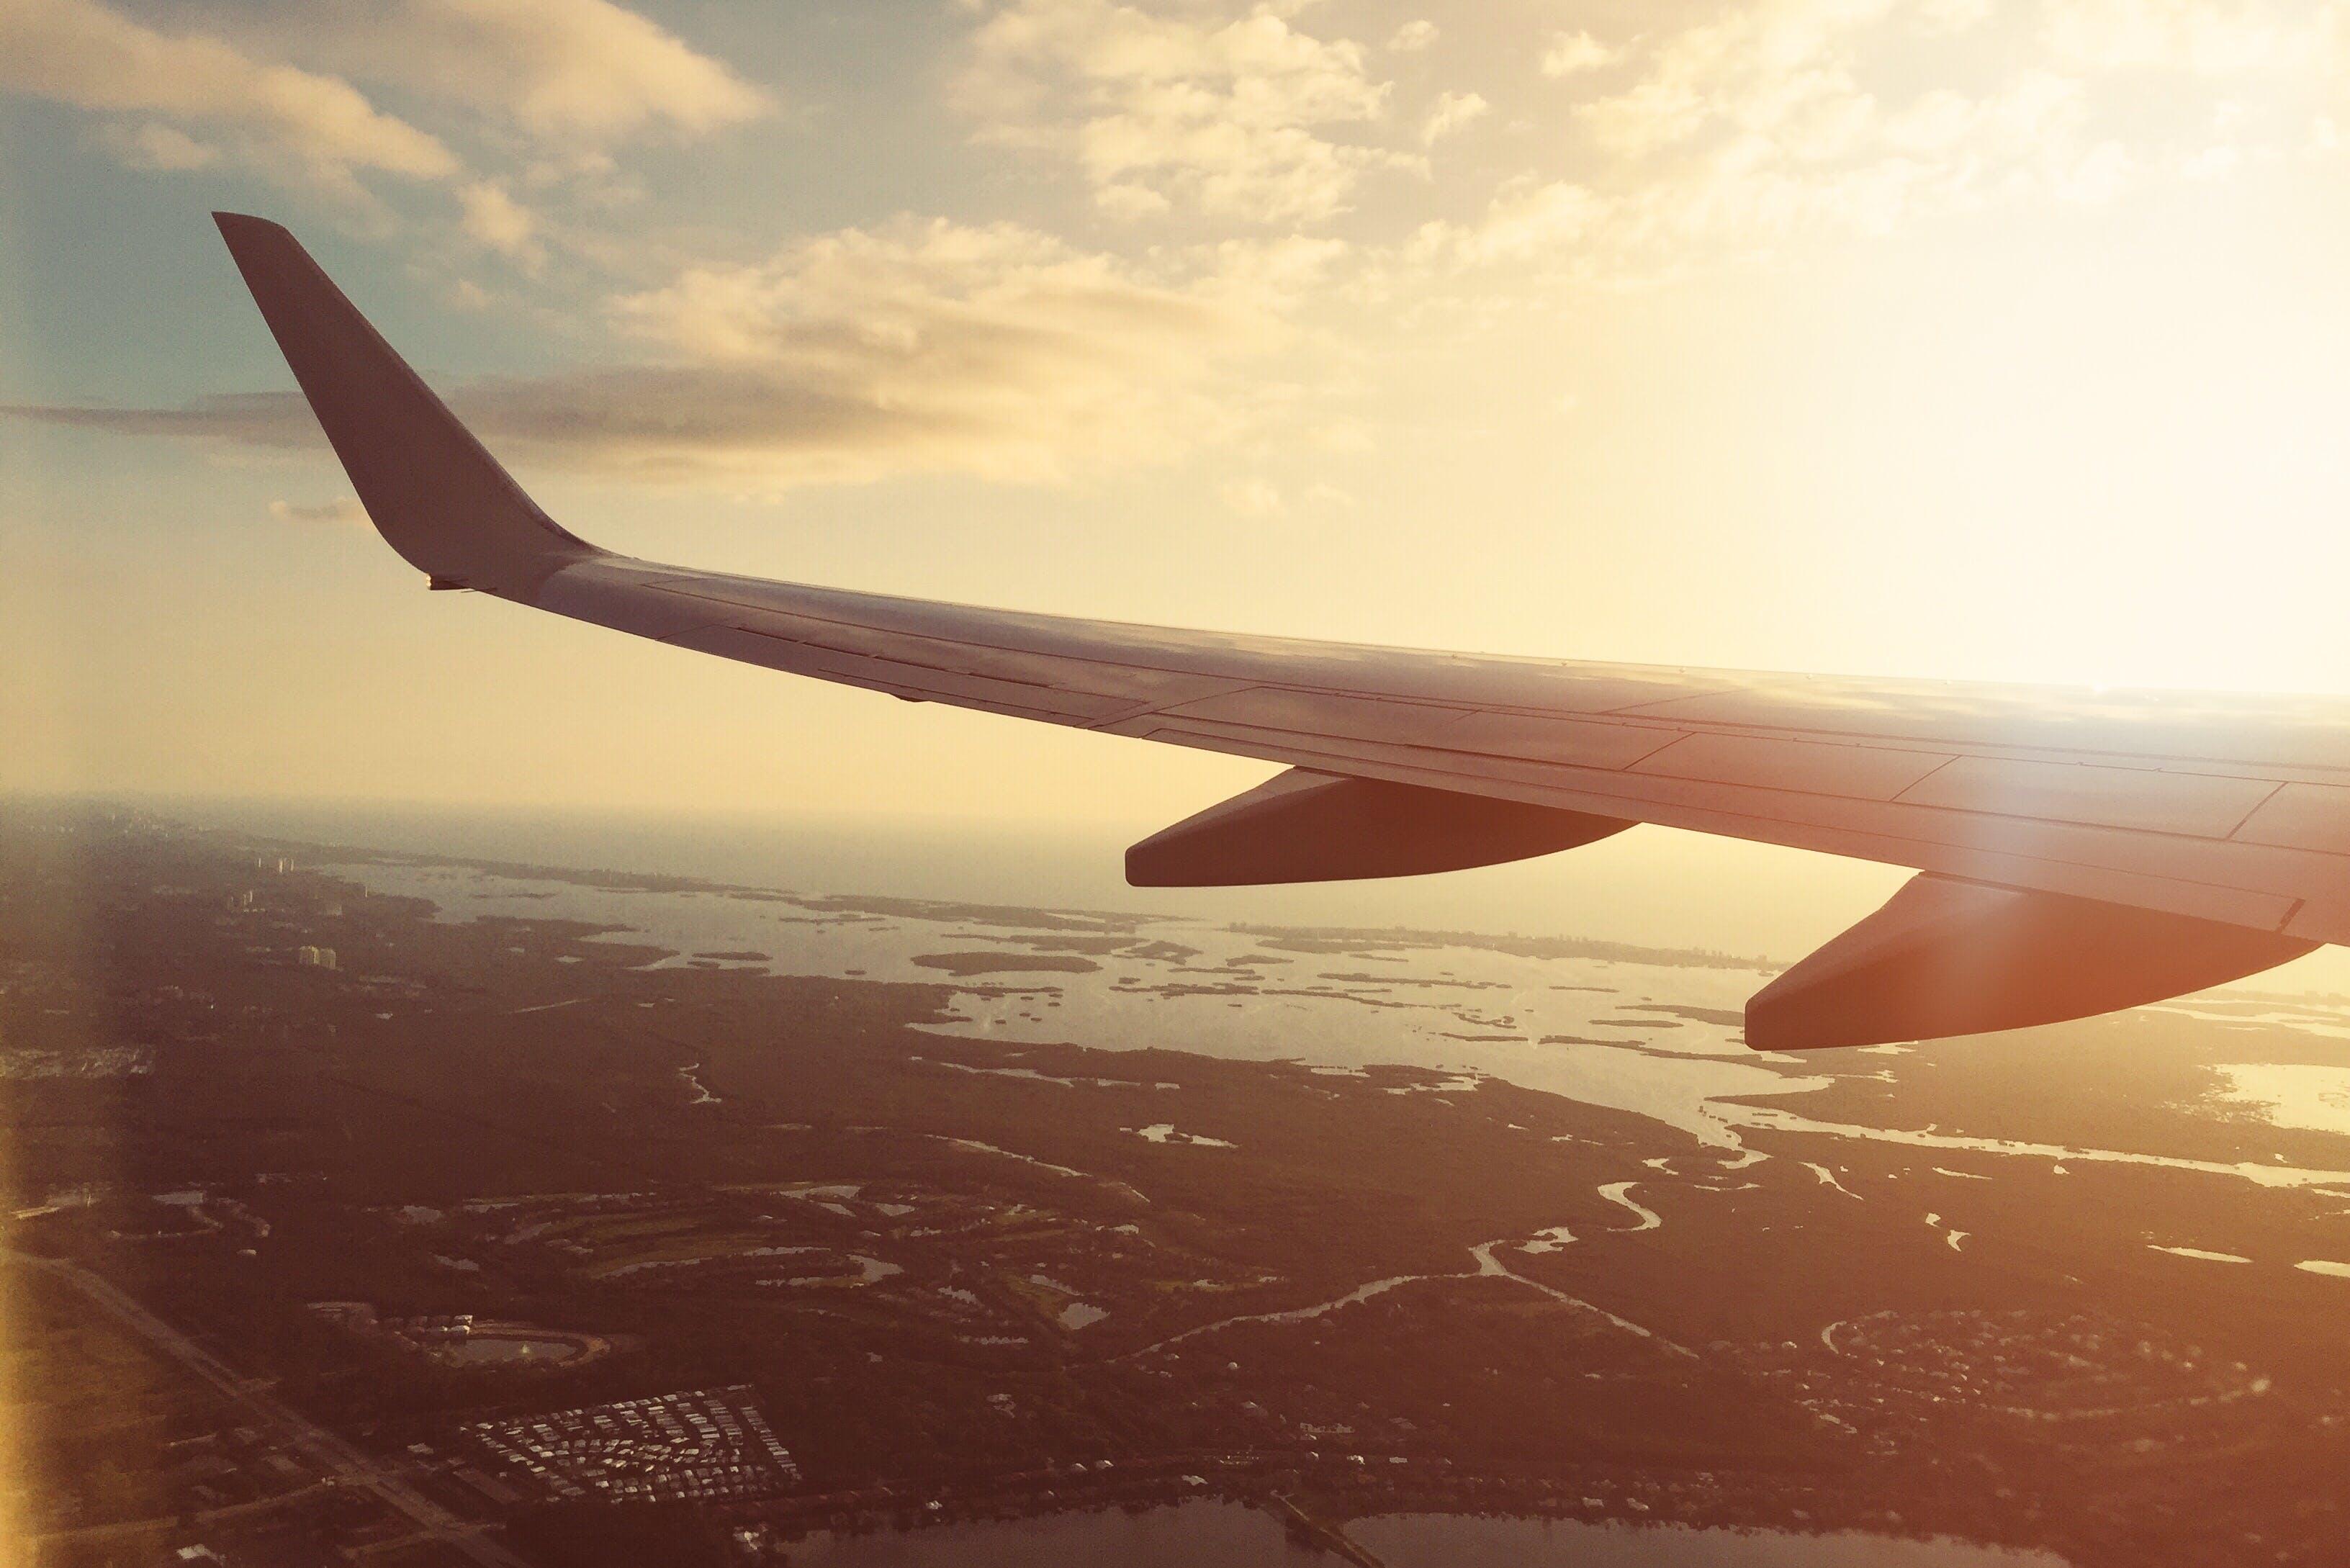 客機, 平面, 機翼, 空拍圖 的 免费素材照片